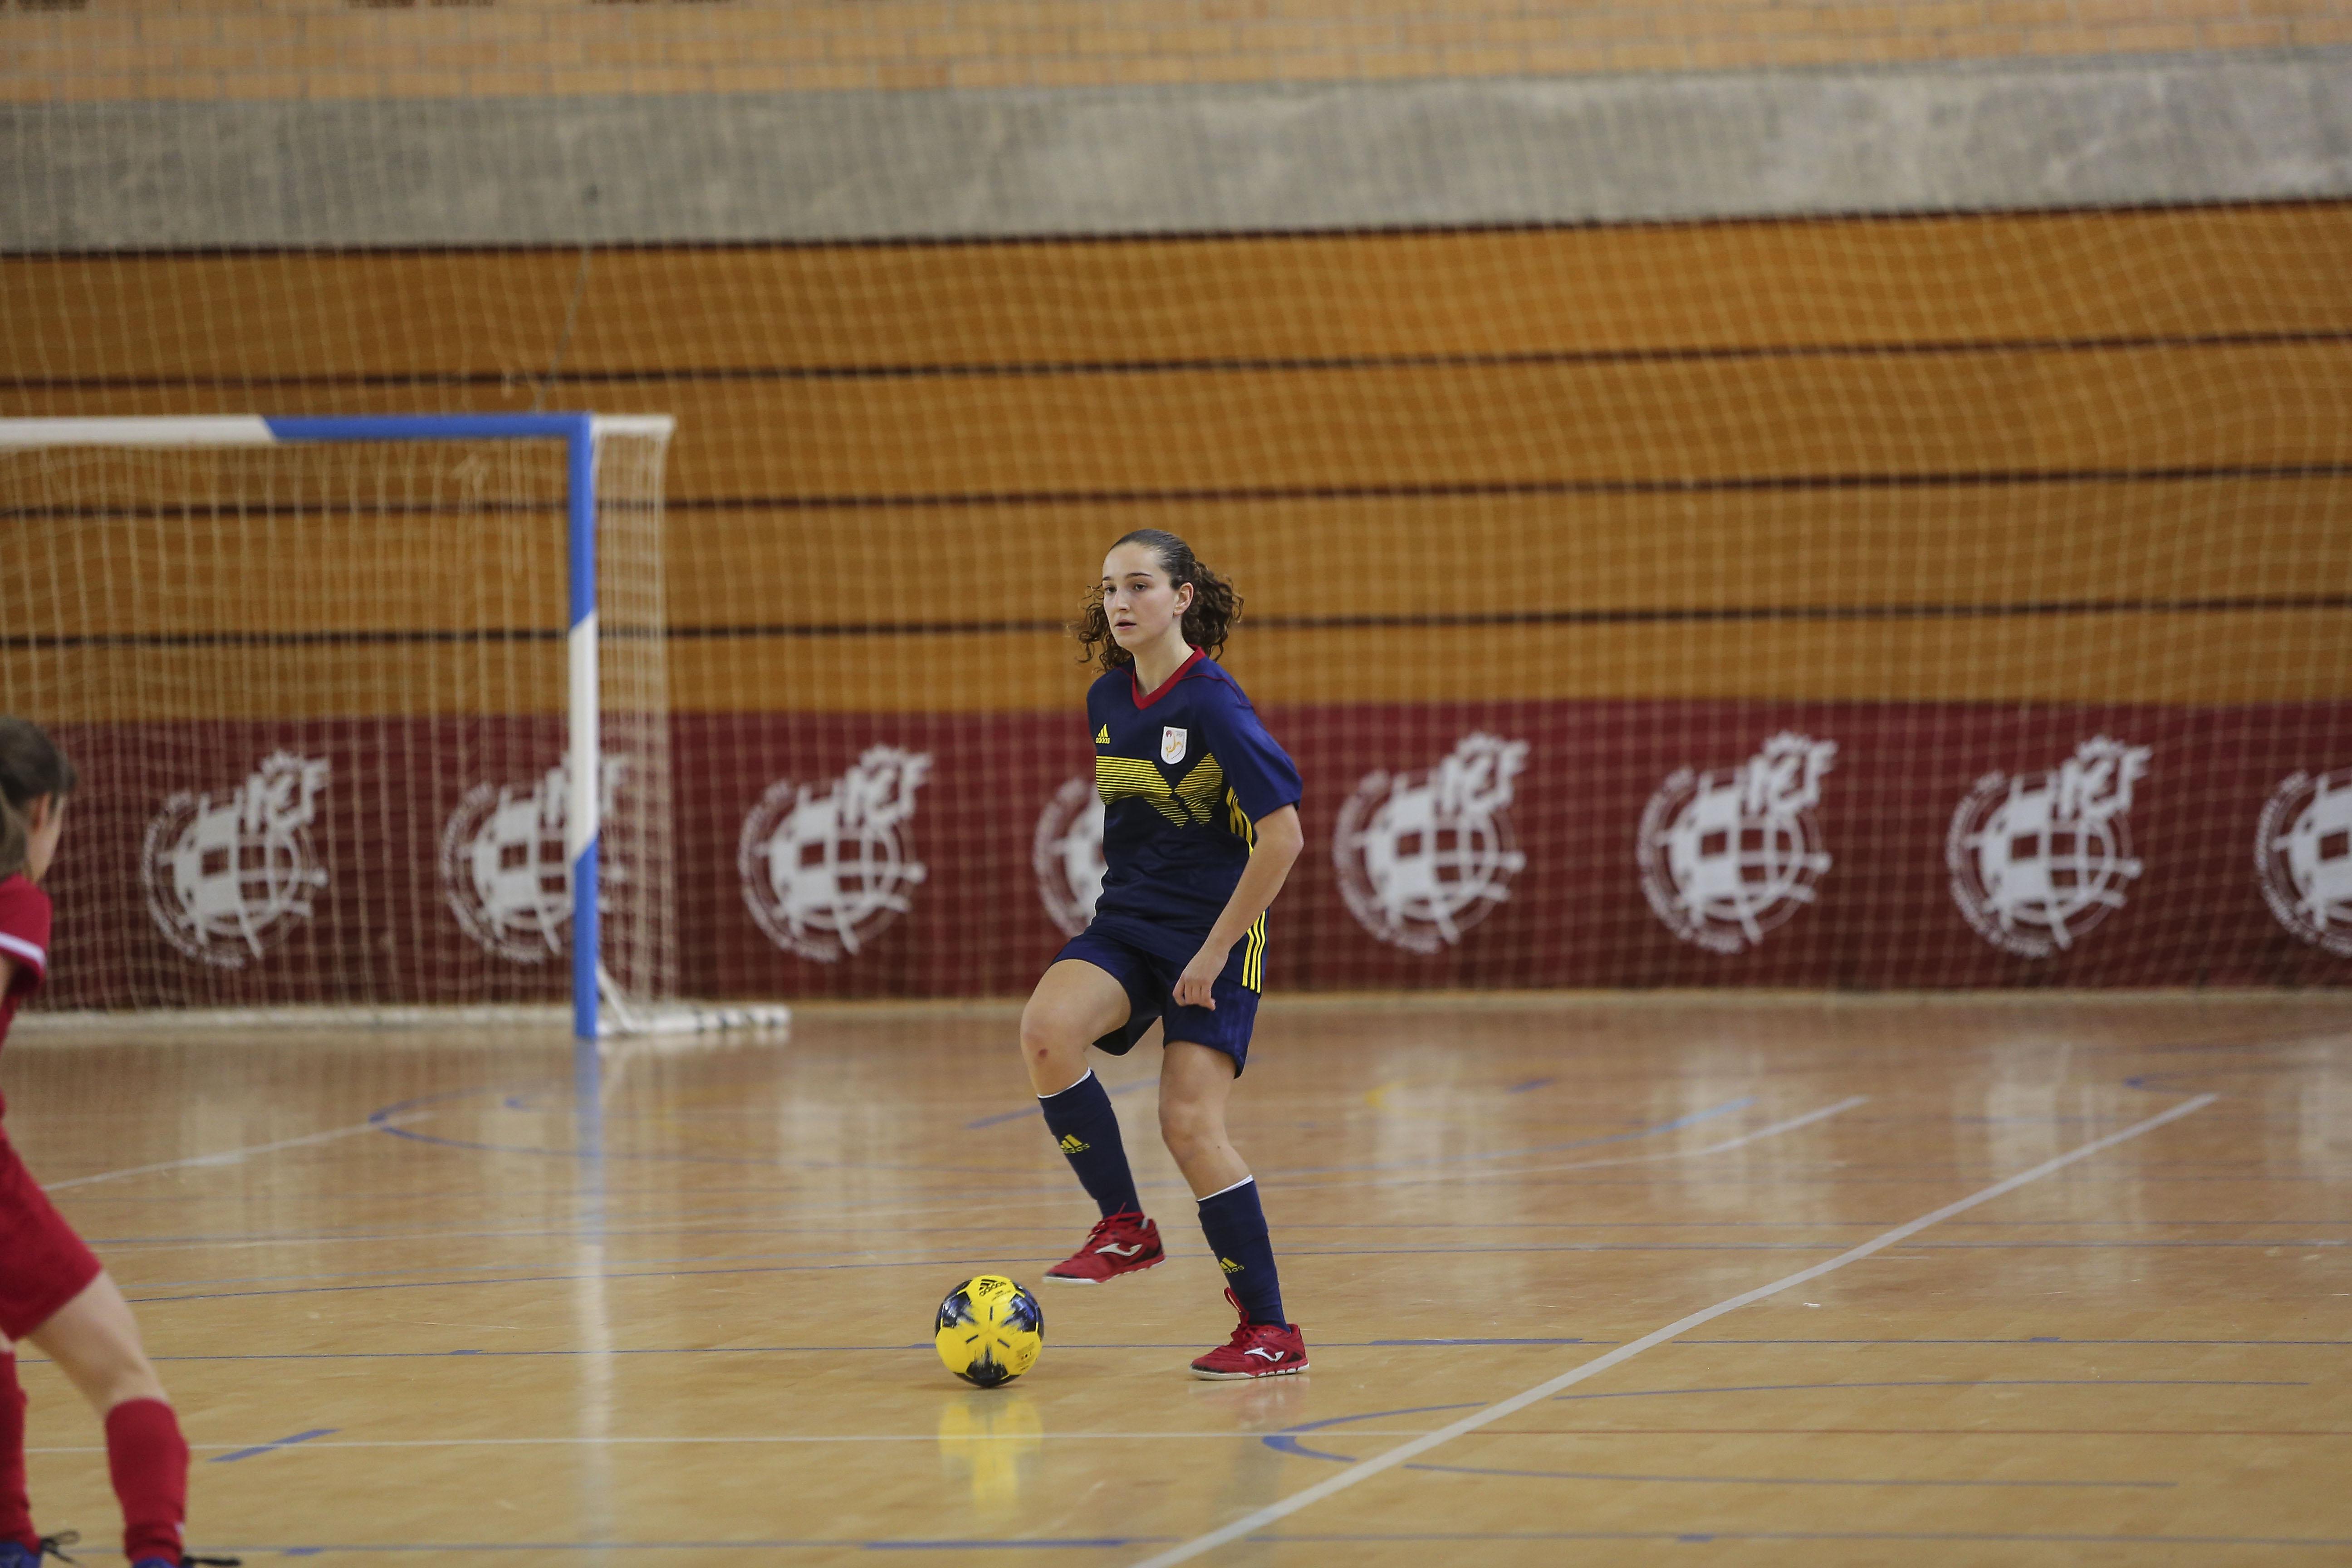 Aina Torrents, campiona d'Espanya amb la Selecció Catalana sub 16 femenina